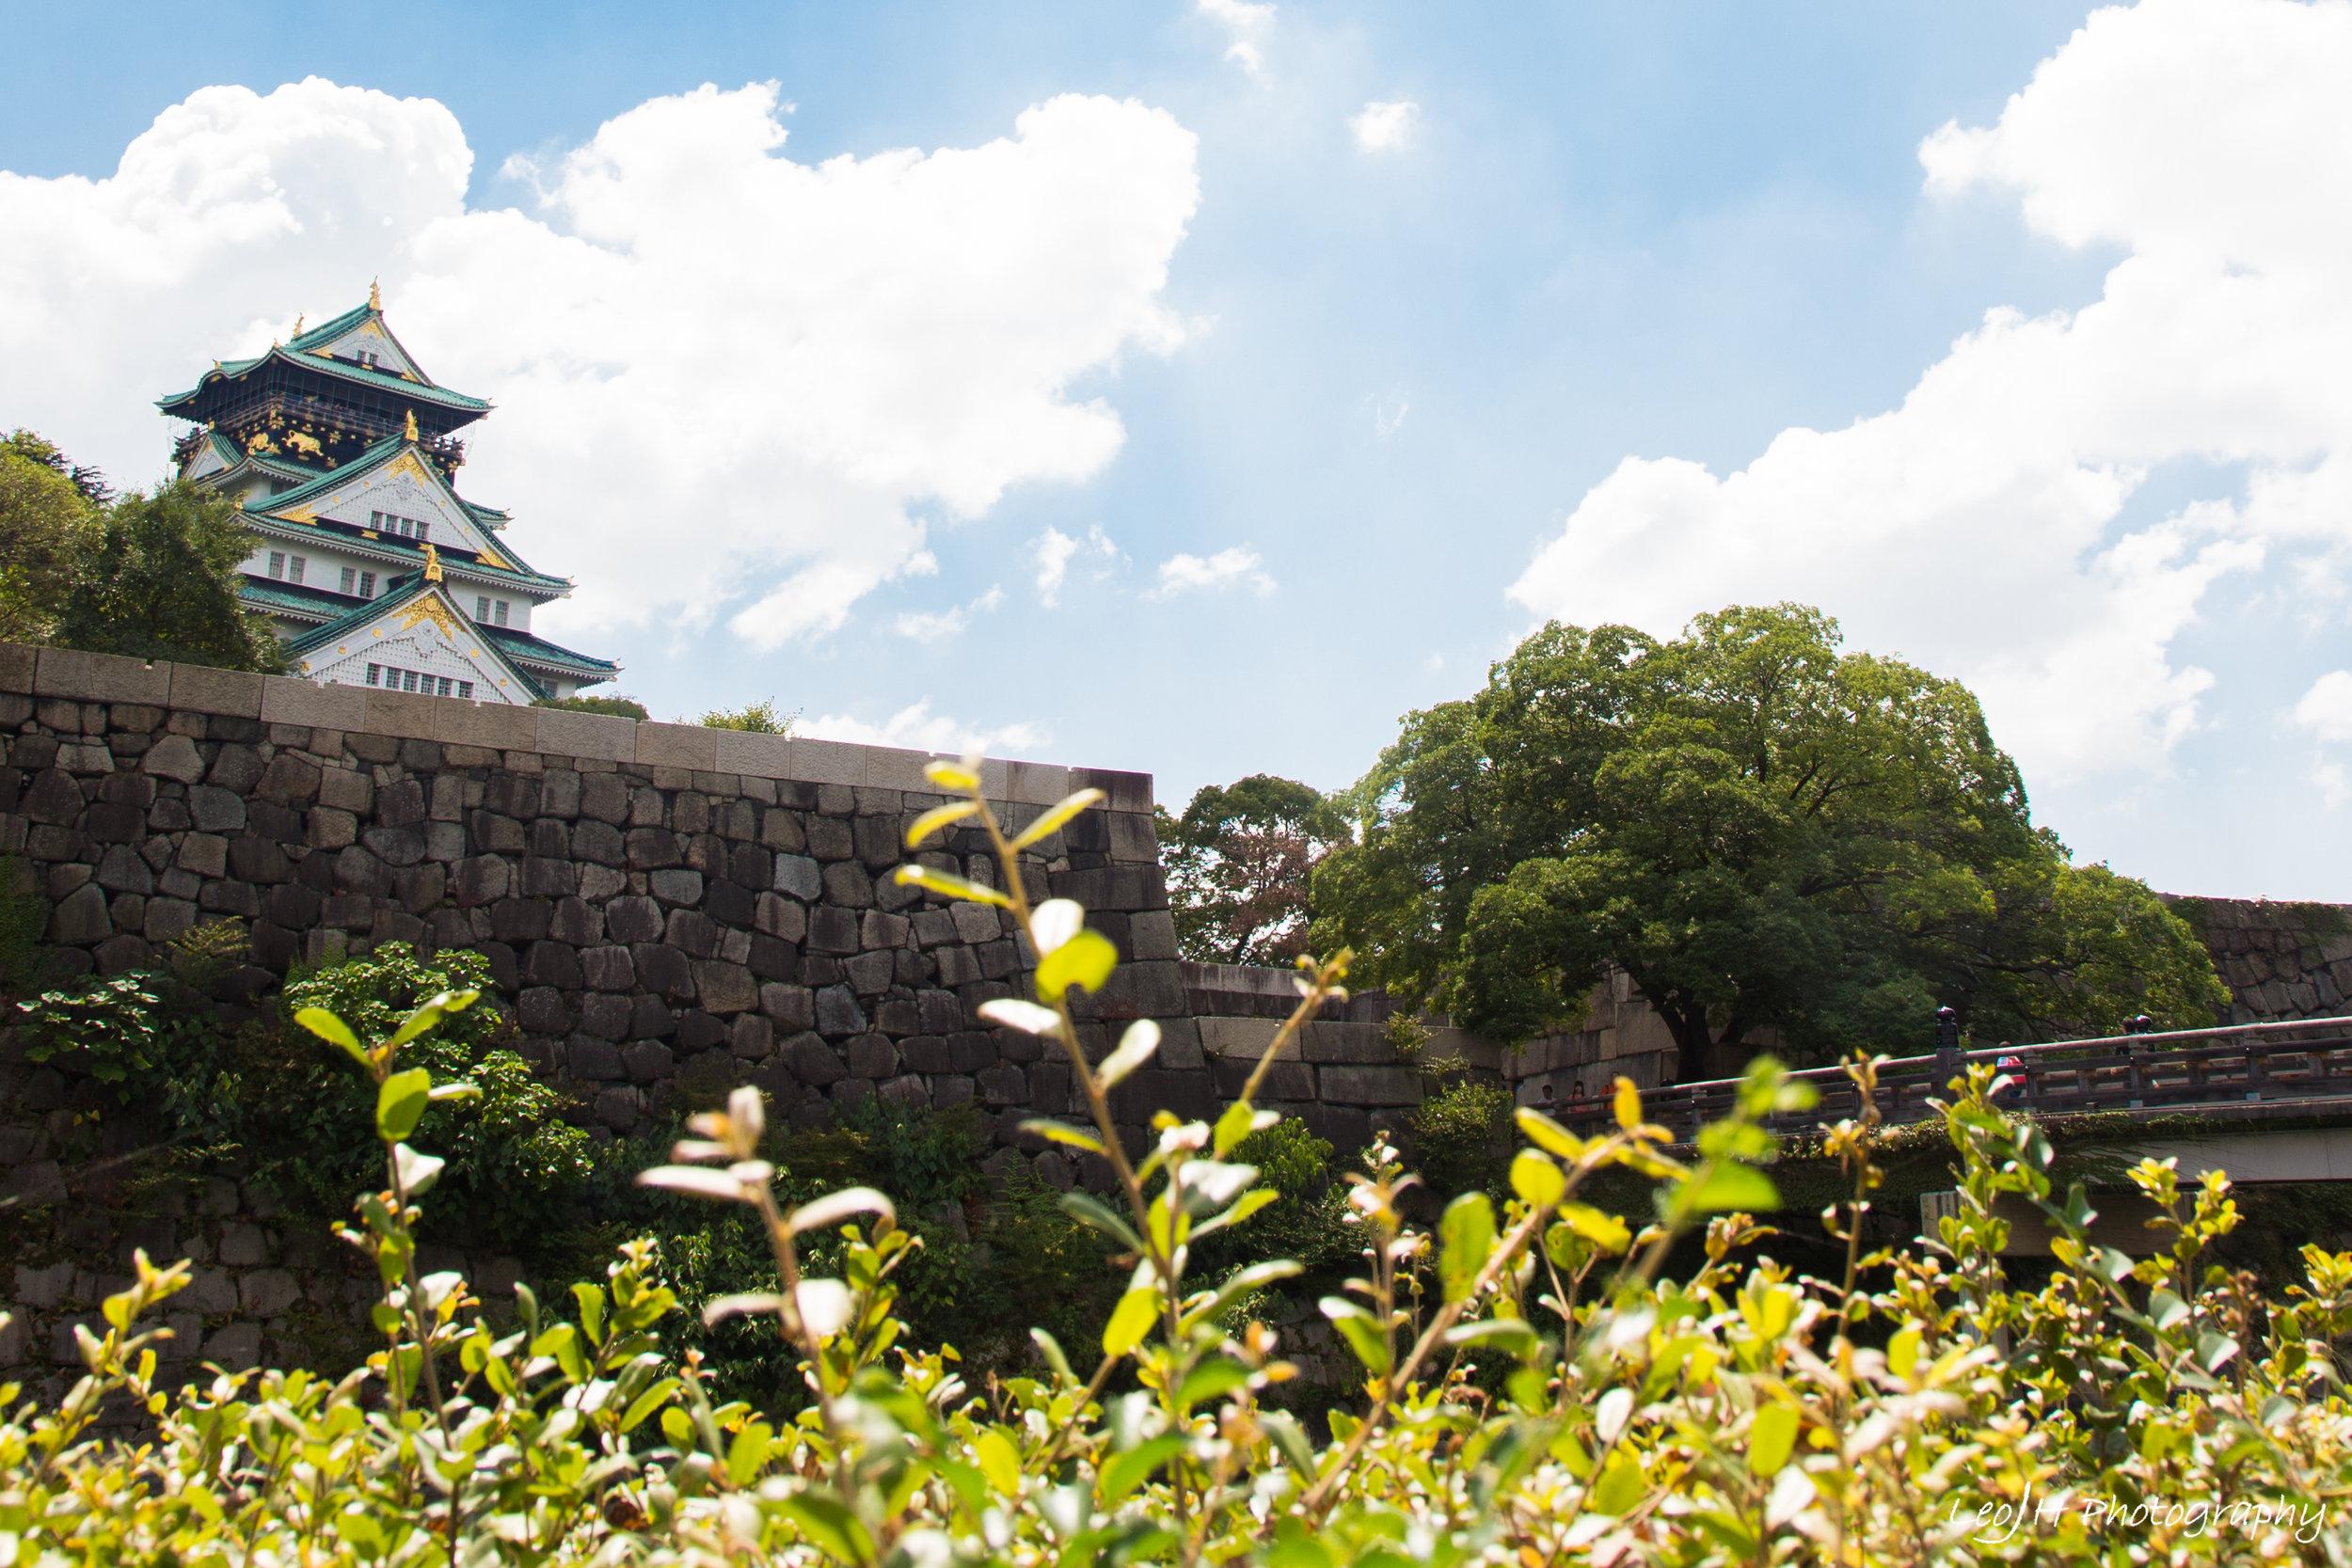 Osaka Castle as seen from opposite the moat